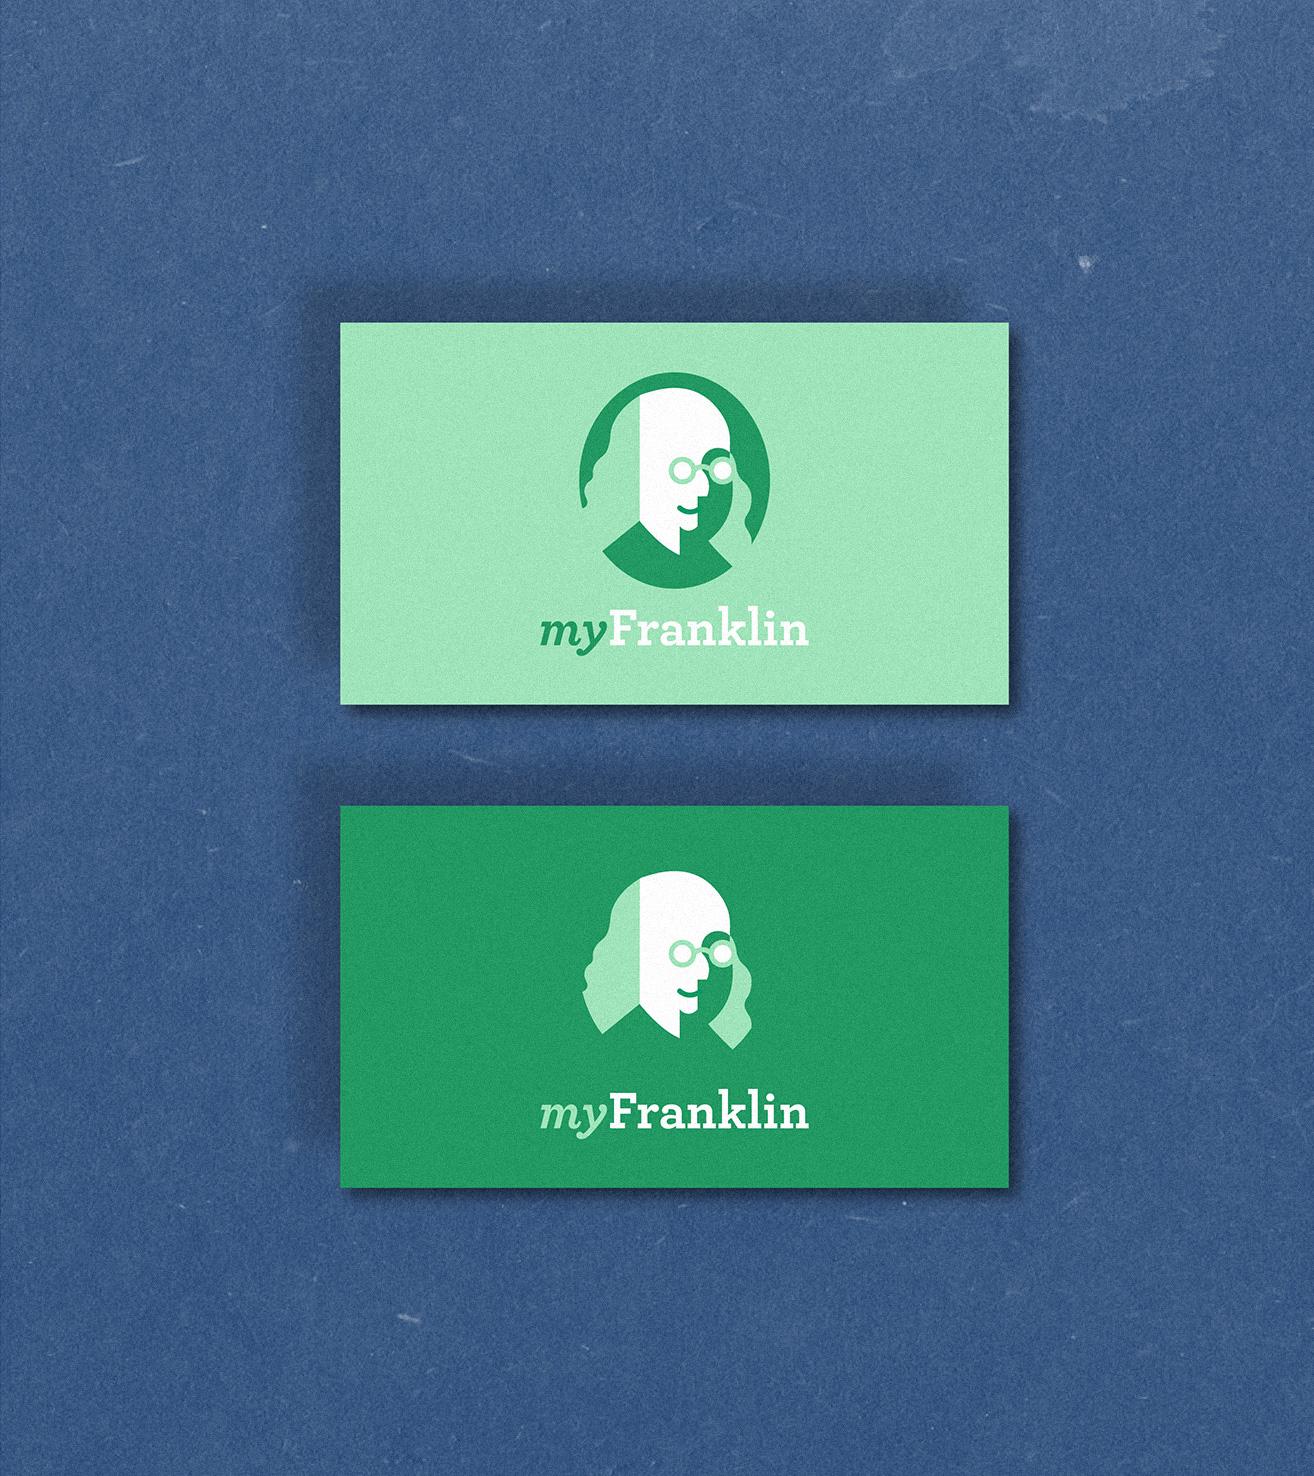 MGS_Franklin_004